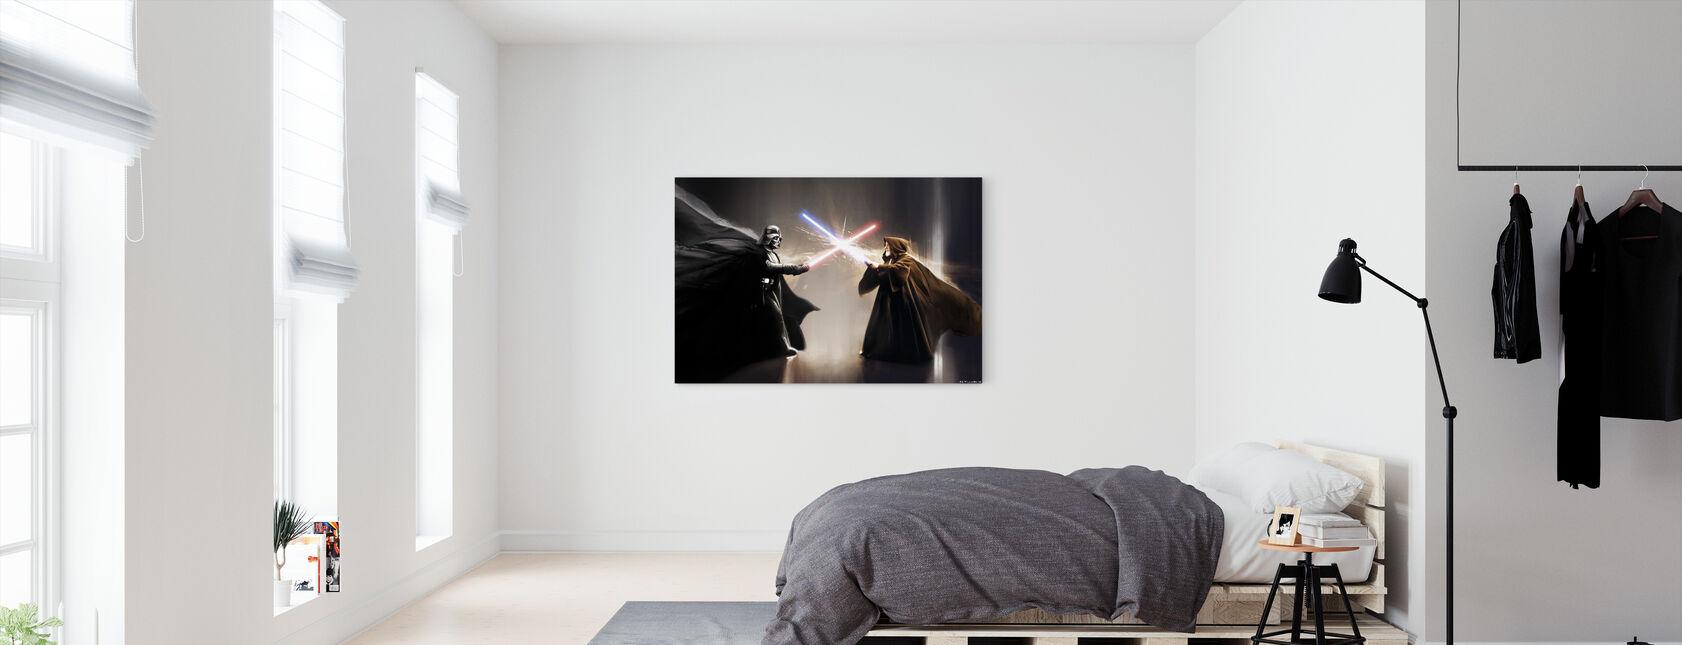 Stjärnornas krig - Darth Vader och Obi-Wan Kenobi - Canvastavla - Sovrum